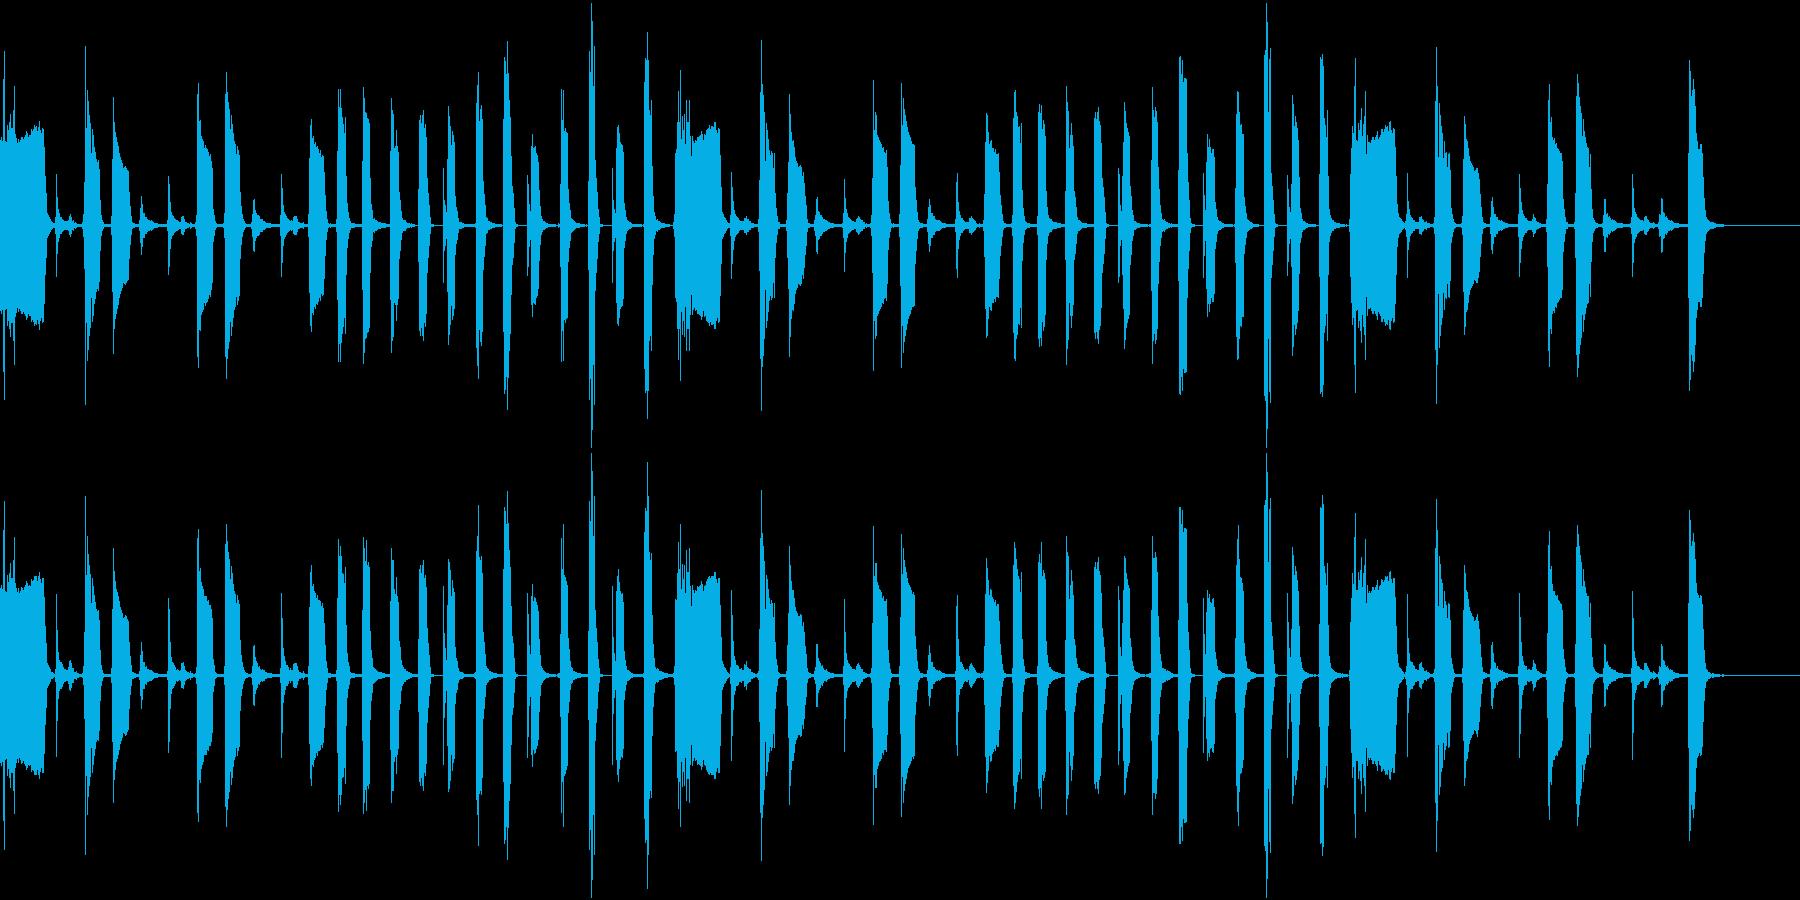 おっちょこちょいな動物が登場するときの曲の再生済みの波形